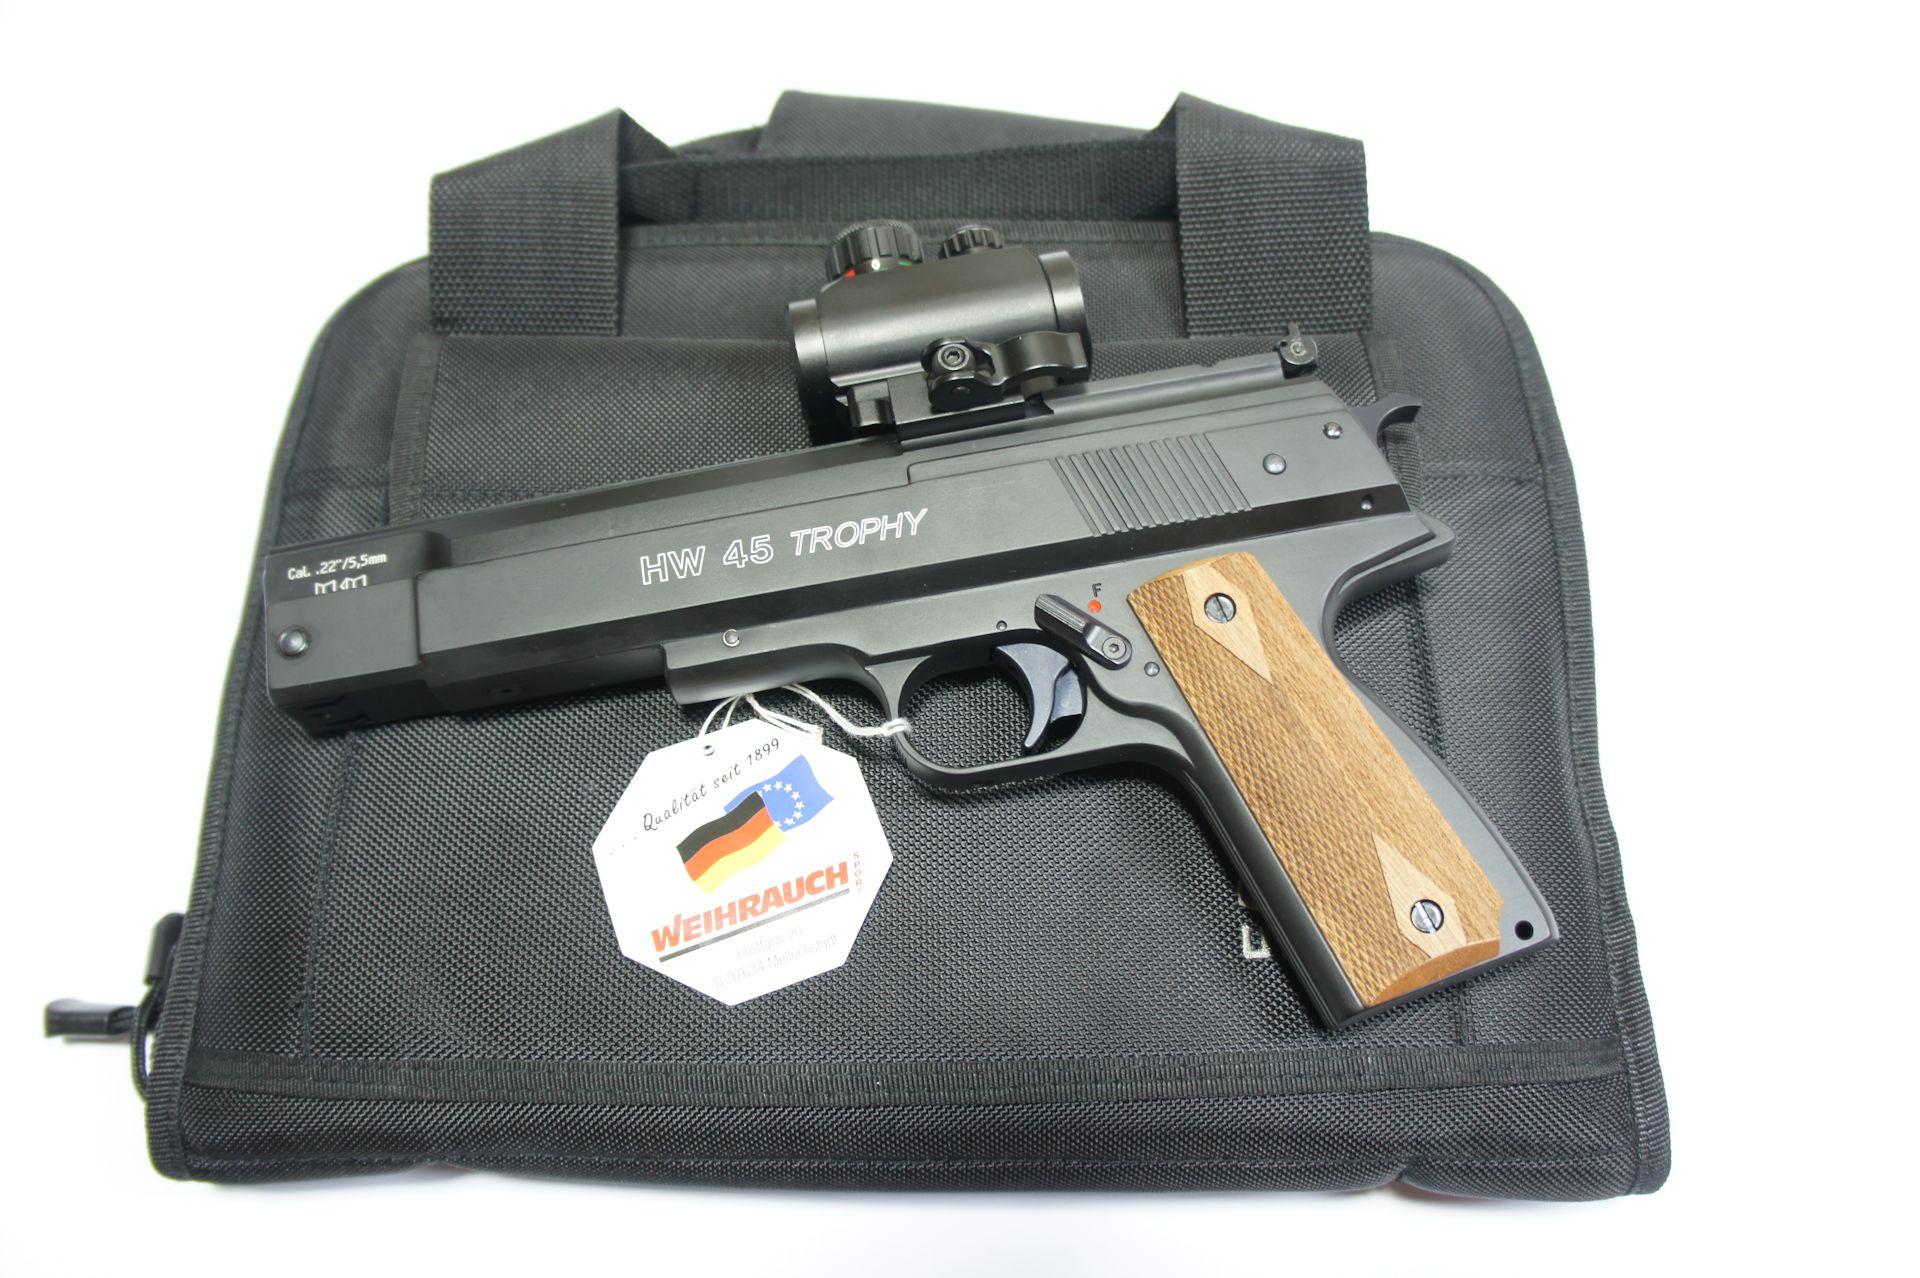 Als Zubehör kann ich Ihnen eine Optik und <a href=1340094.htm> solche praktische Tasche Bestellnummer 1340094 </a> für Aufbewafung und Transport anbieten. Die Tasche wäre mittels Vorhängeschloss abschließbar.